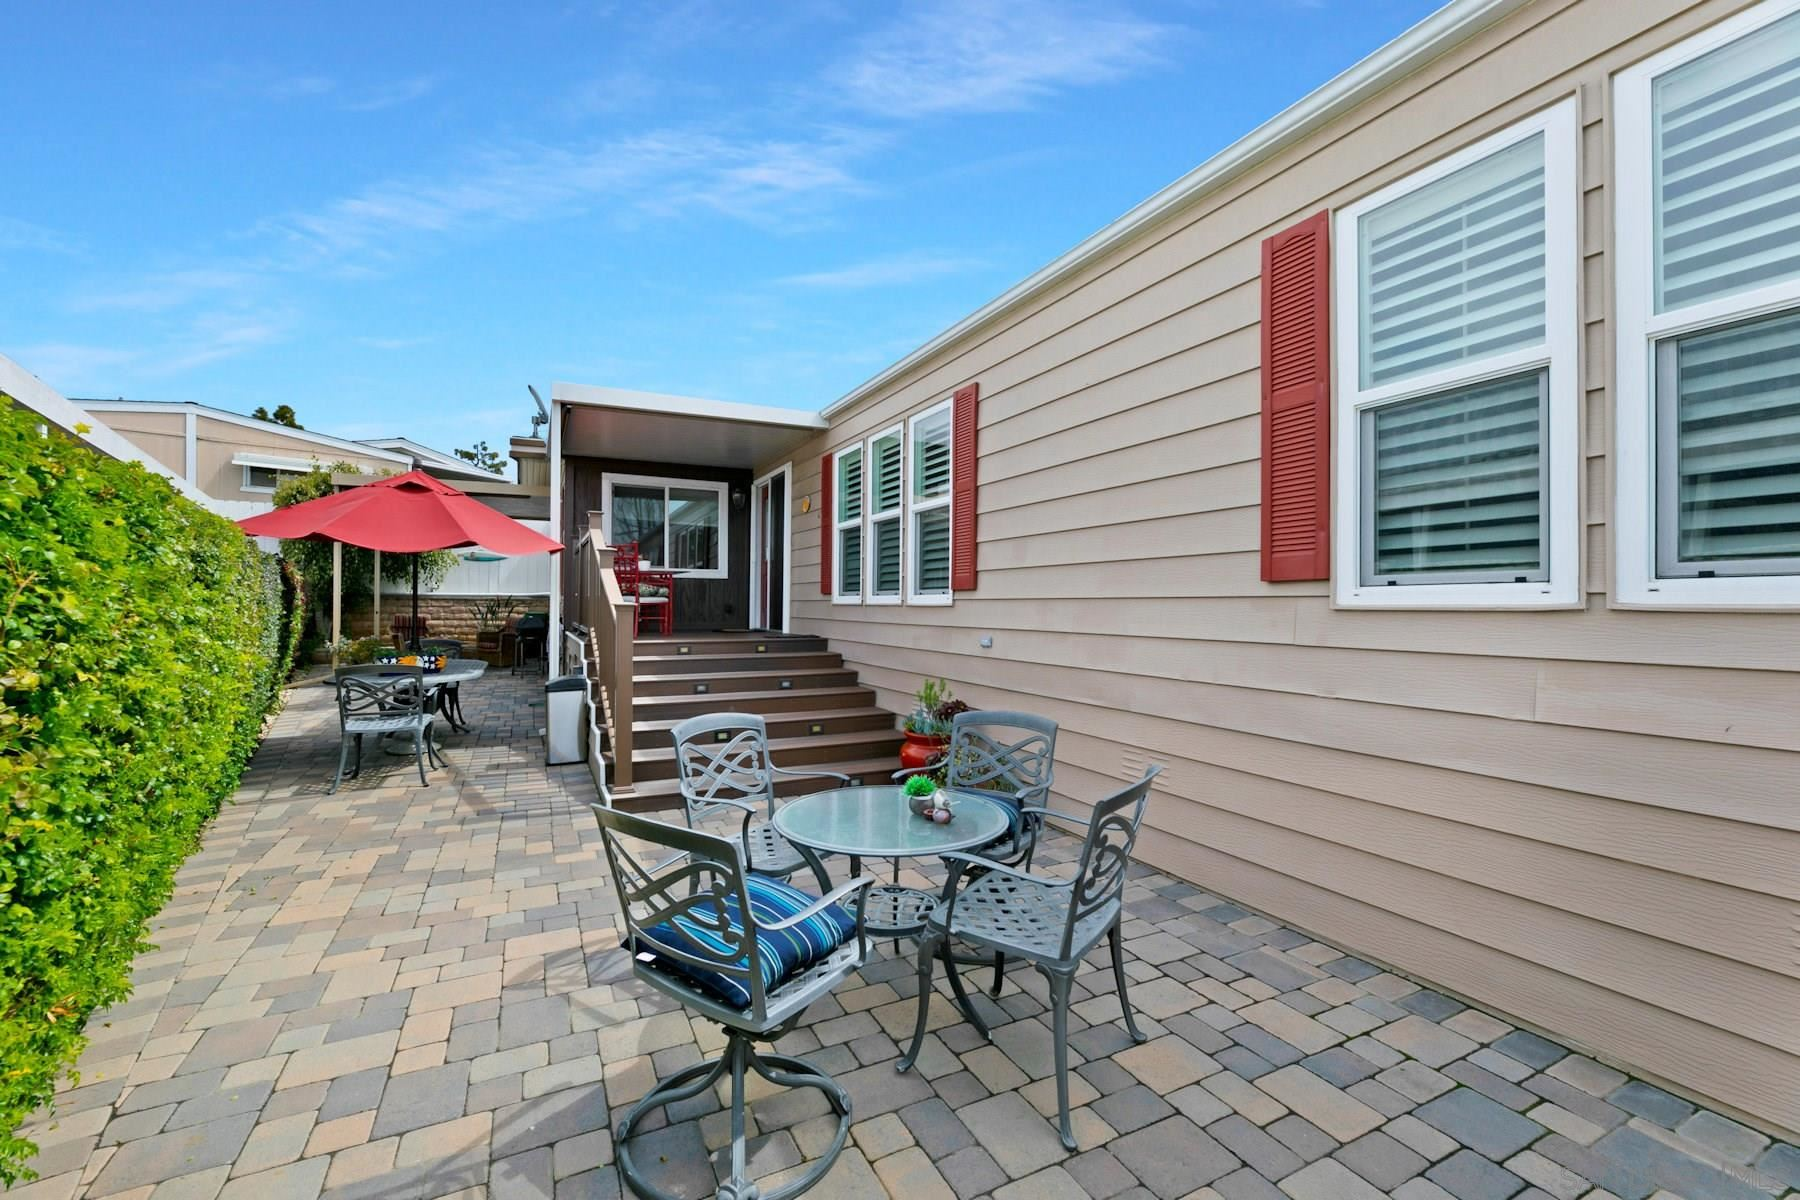 Photo of 7316 San Benito #363, Carlsbad, CA 92011 (MLS # 210008065)